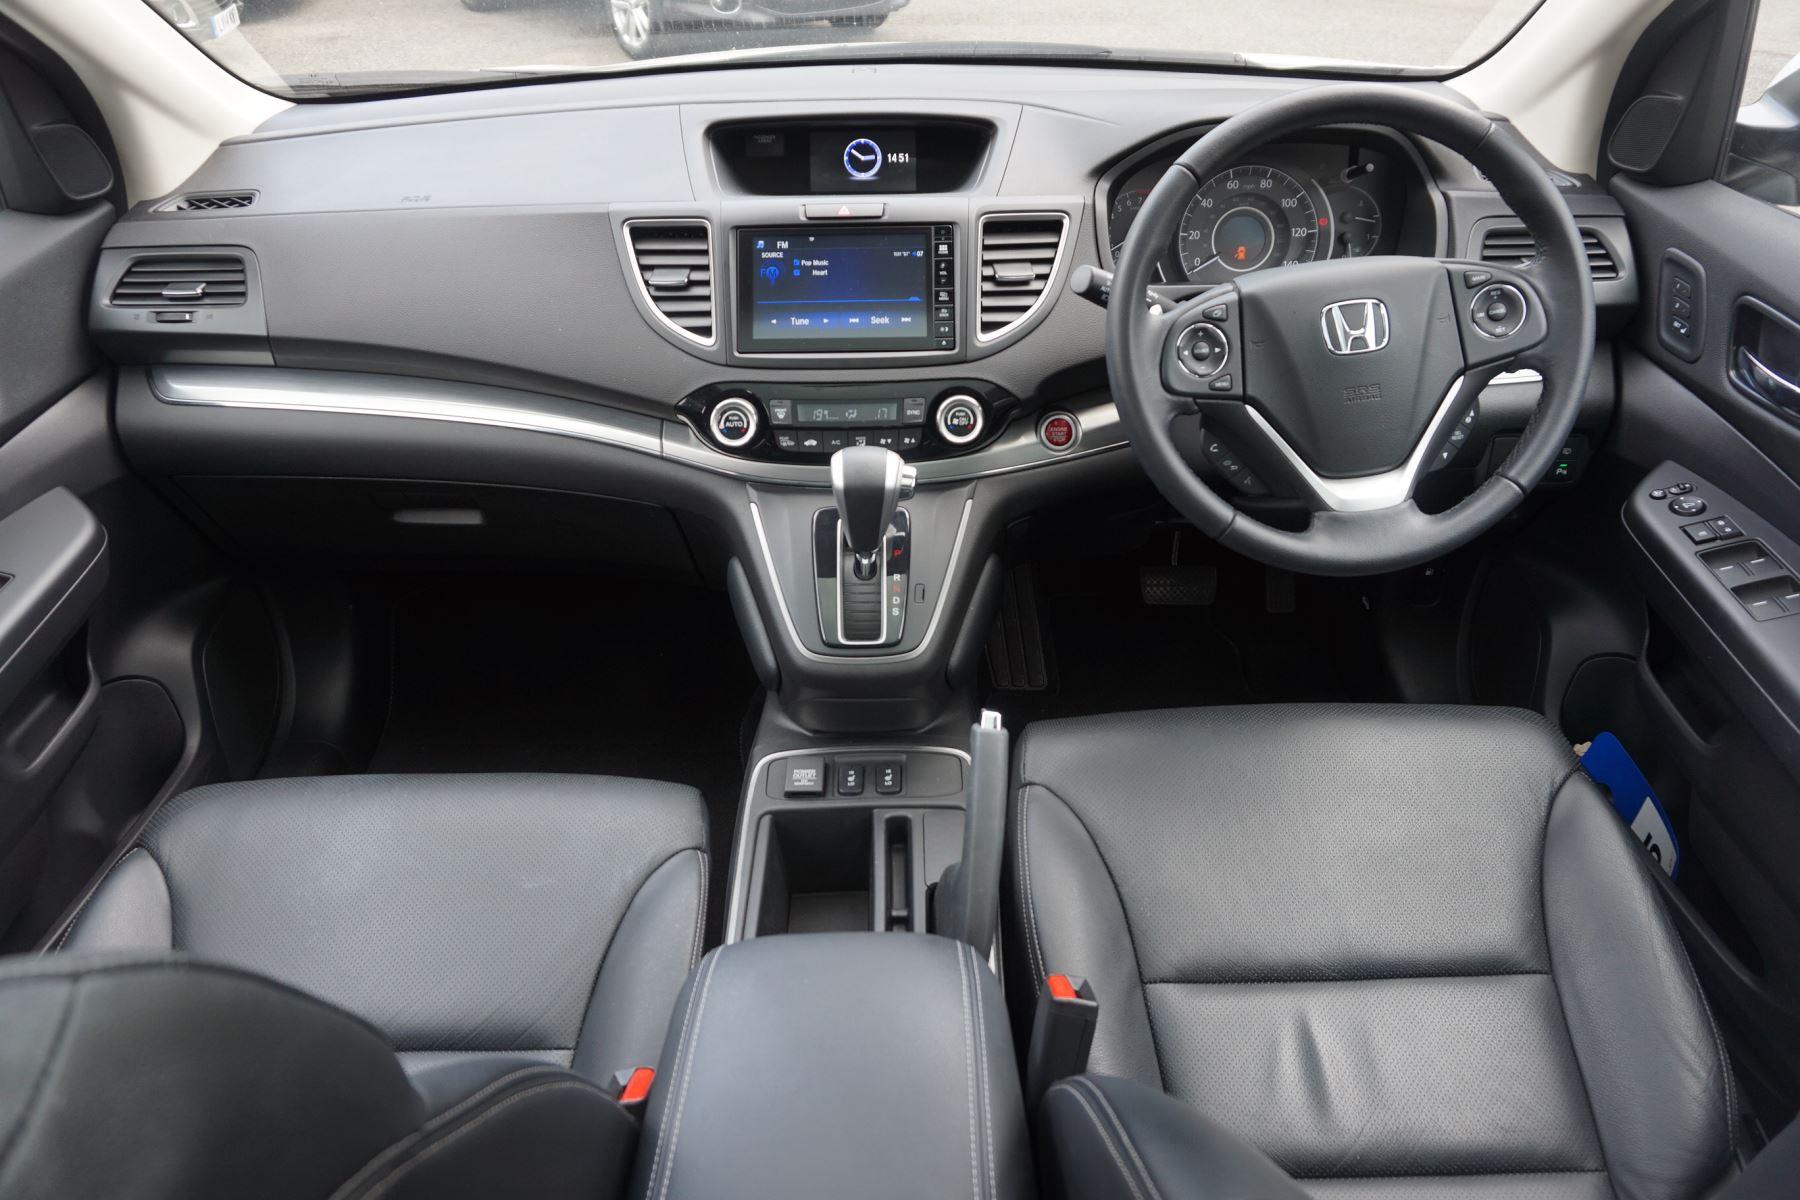 Honda CR-V 2.0 i-VTEC EX 5dr image 12